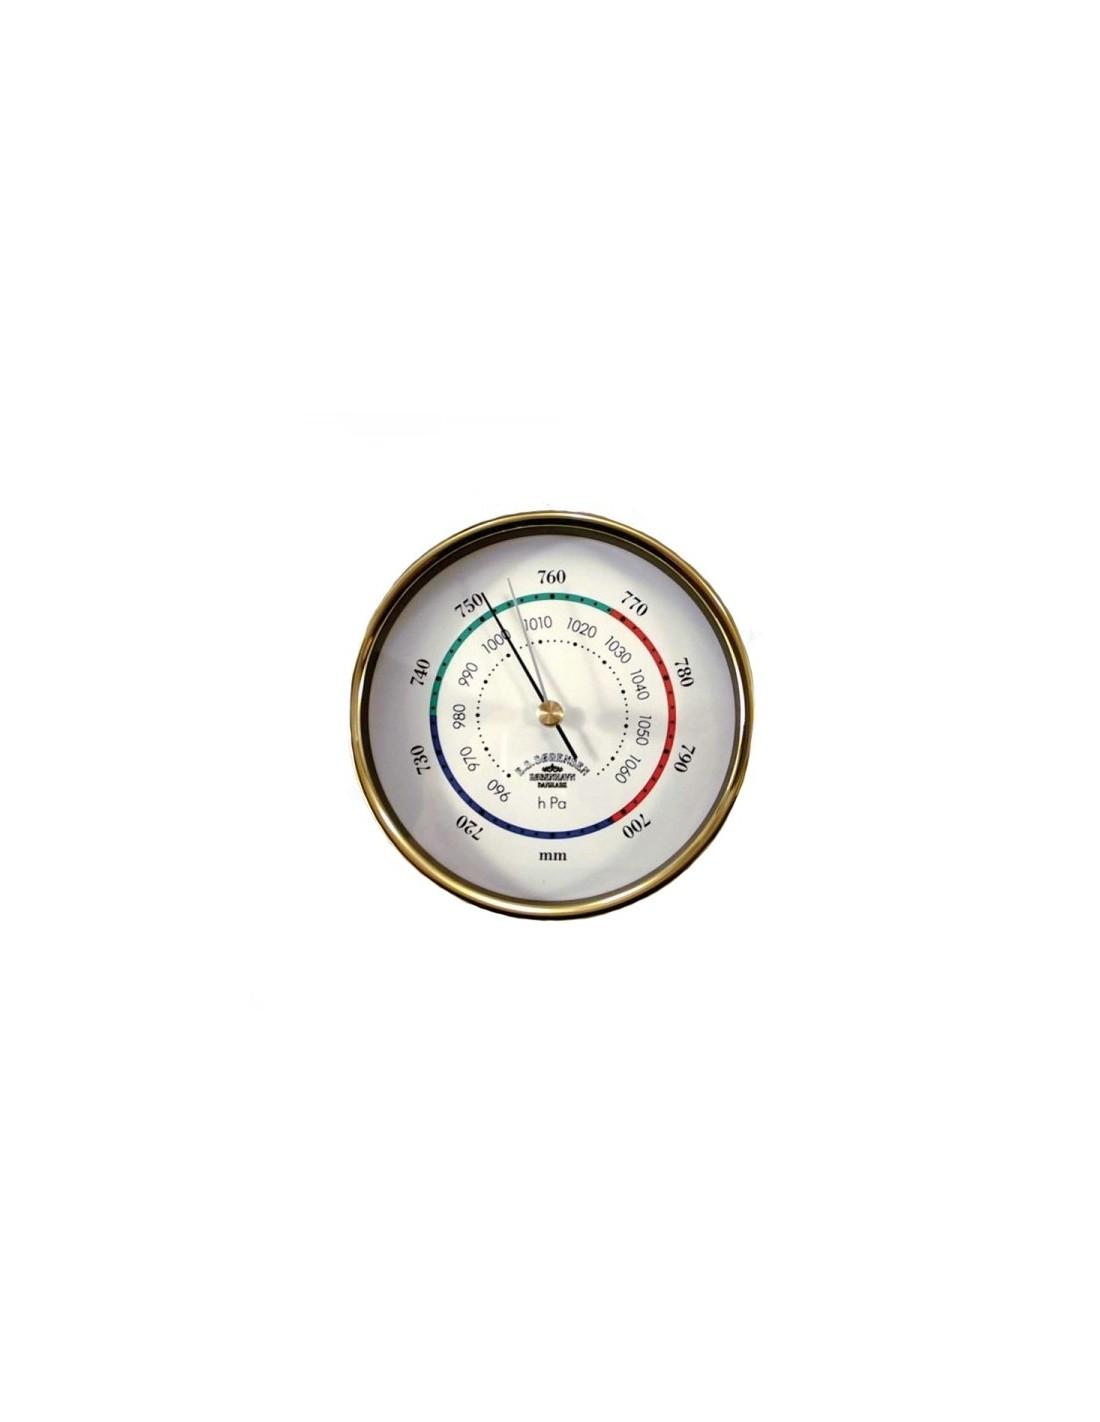 Barometer Mini - 90 mm - Delite - Scheepsinstrumenten - 300500